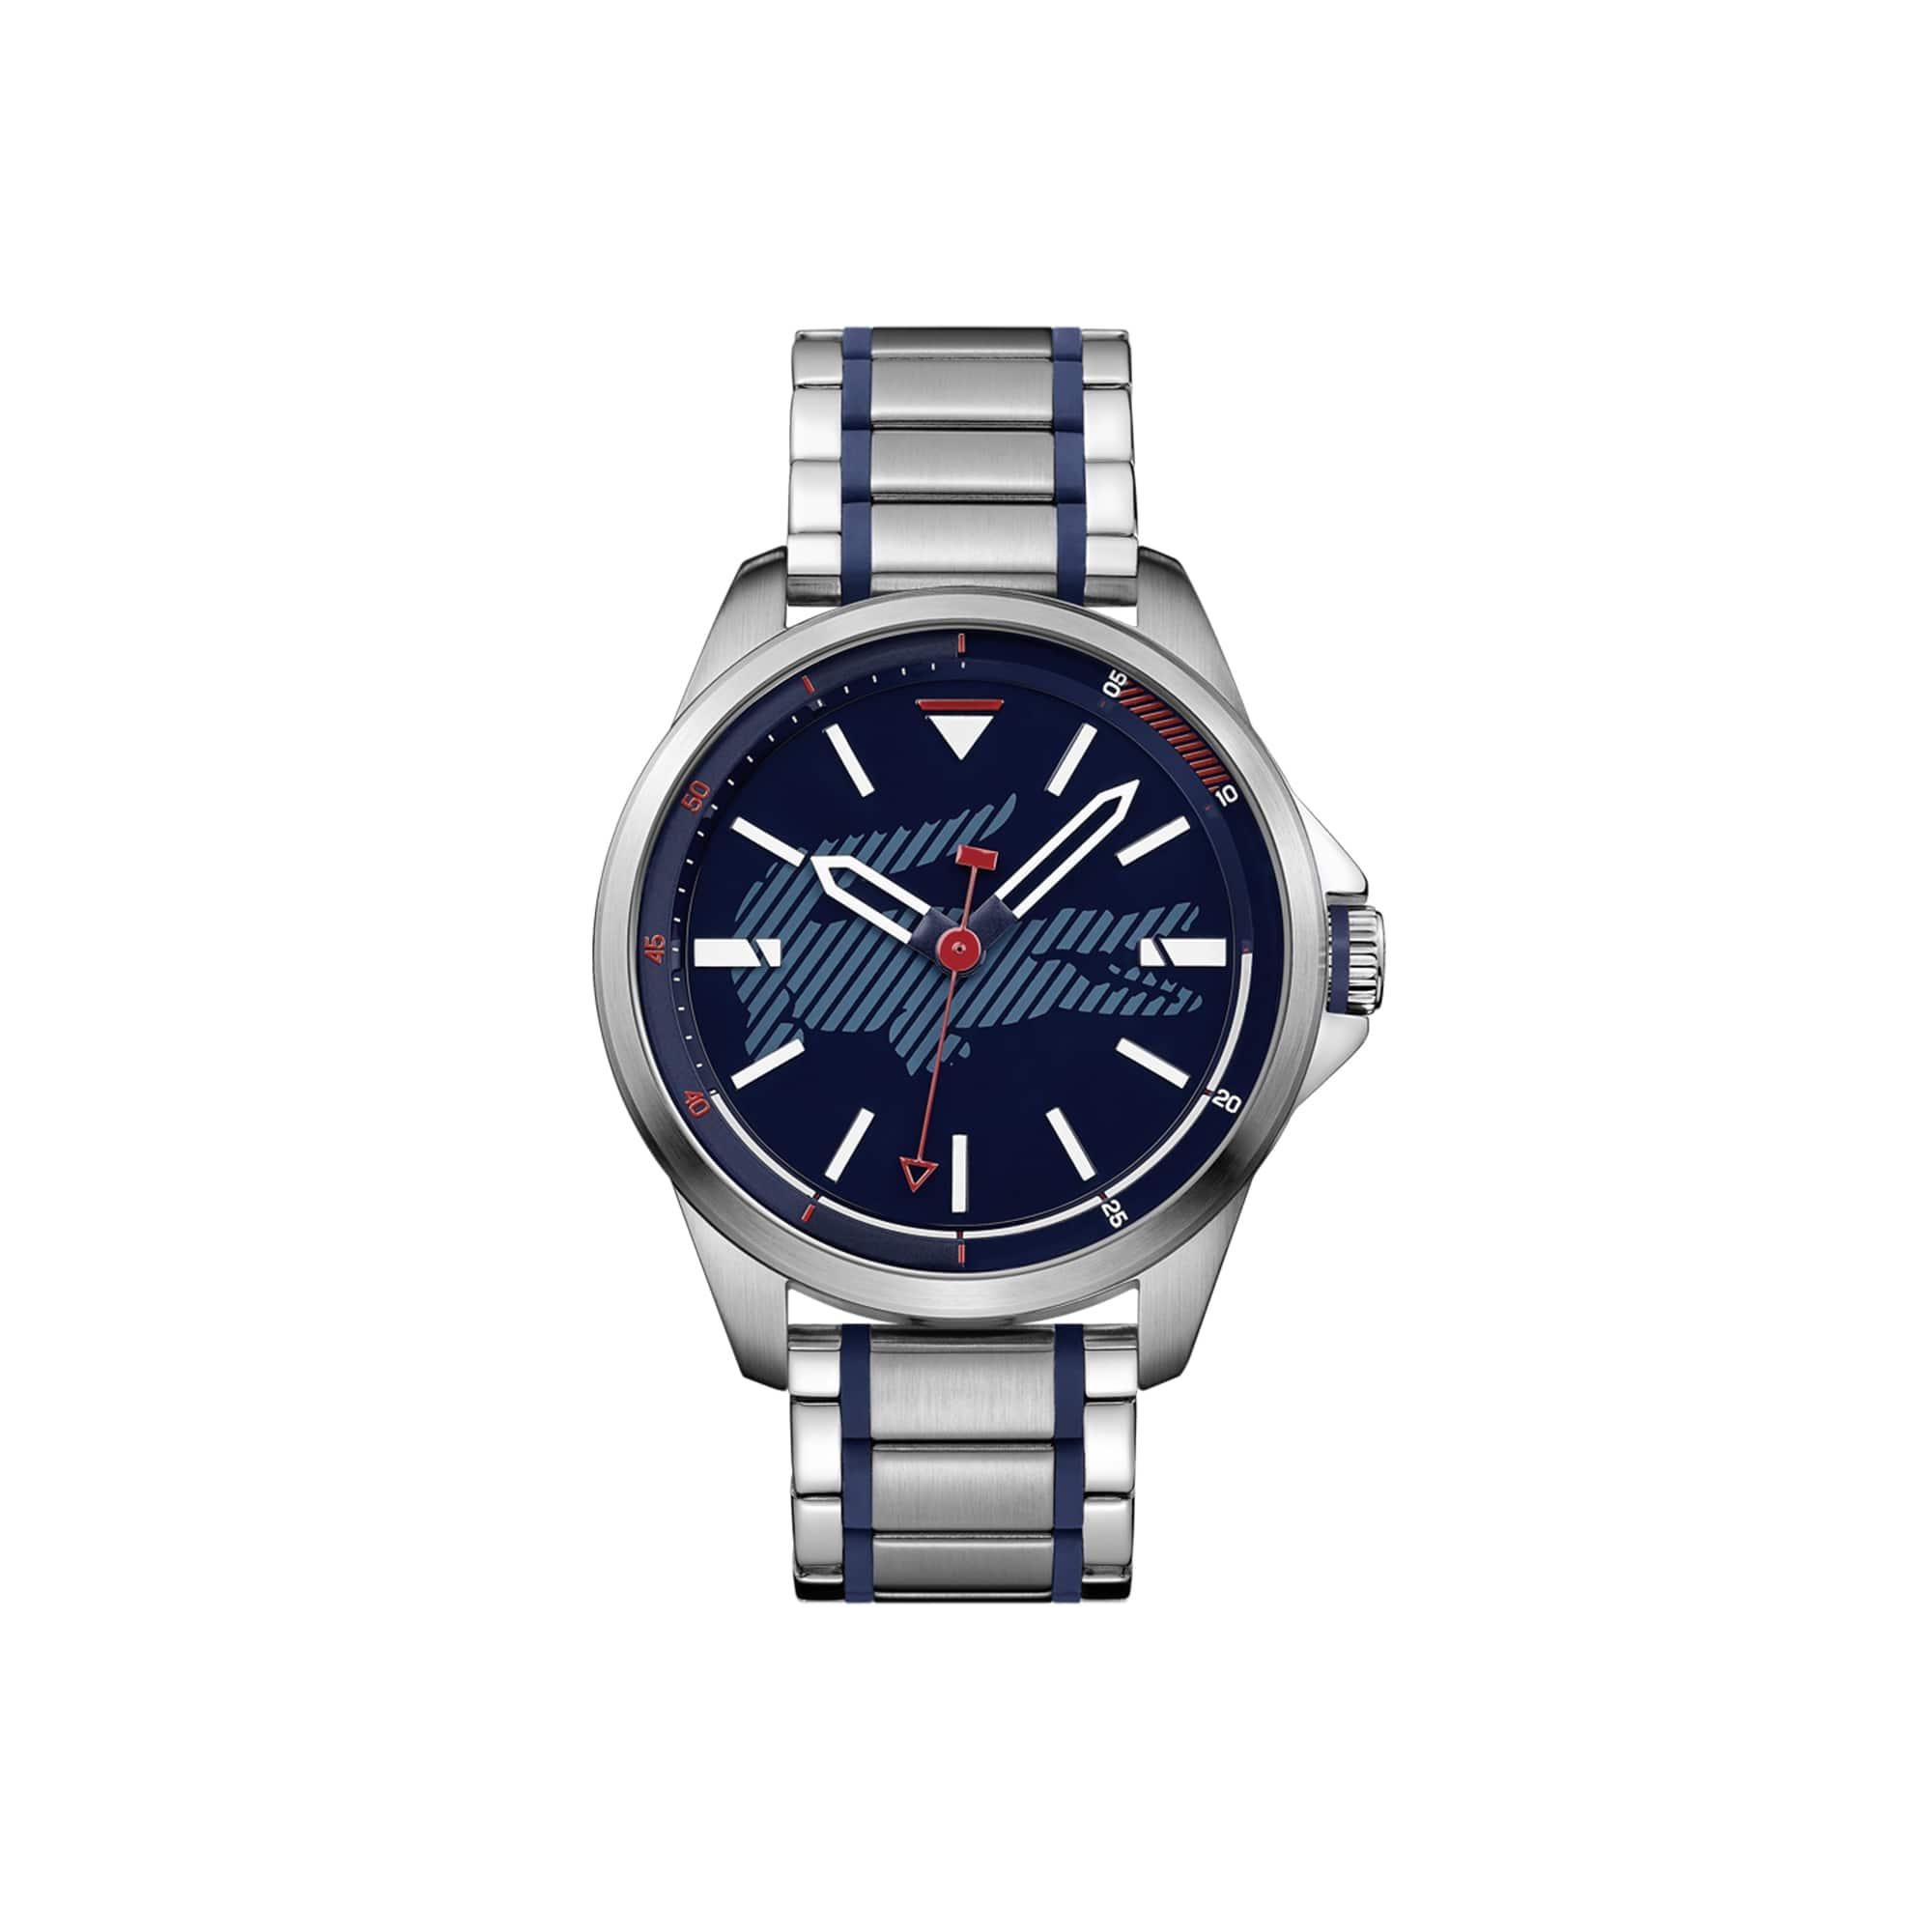 Relógio Capbreton de homem com bracelete de aço inoxidável e costuras de silicone azul